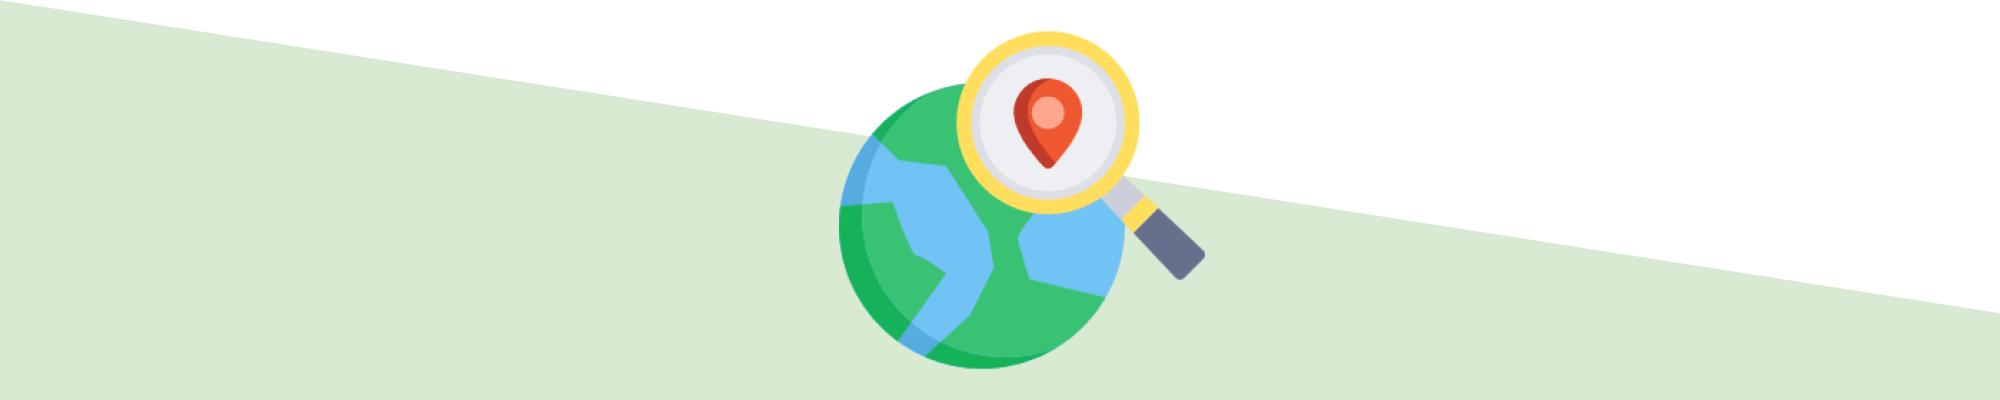 Lokala sökresultat utan VPN-tjänst.